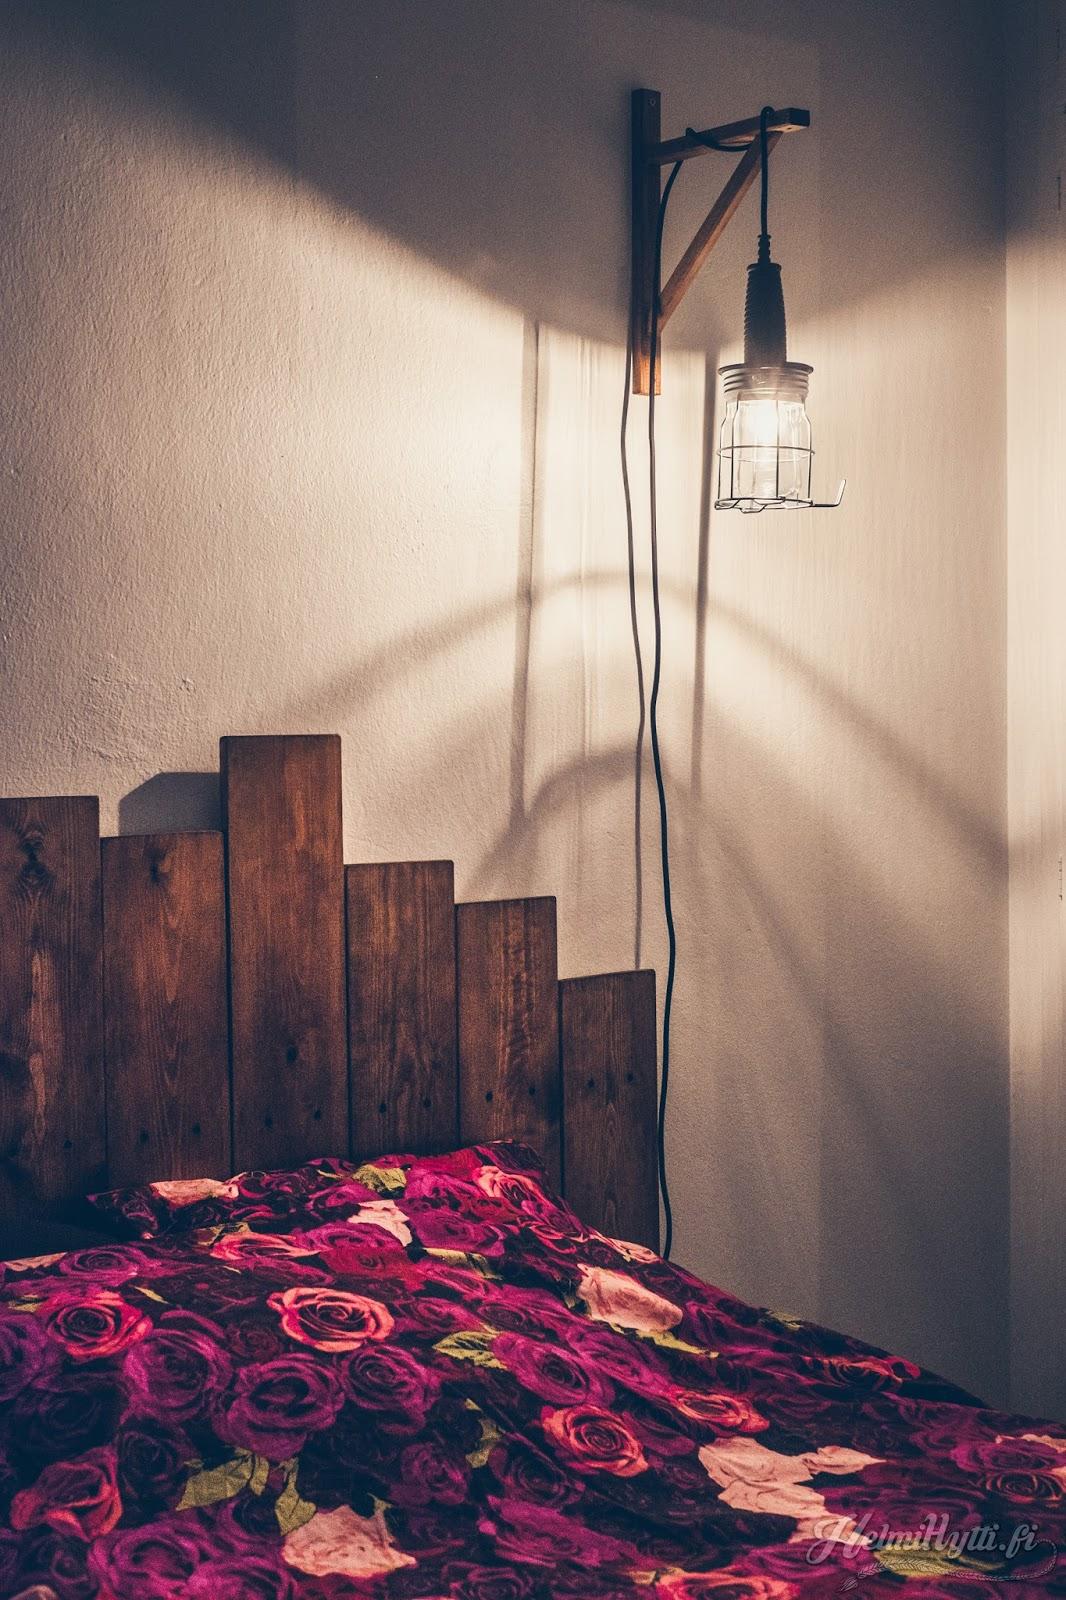 id diy roikkalamppu lukulamppu sängynpääty sisustus